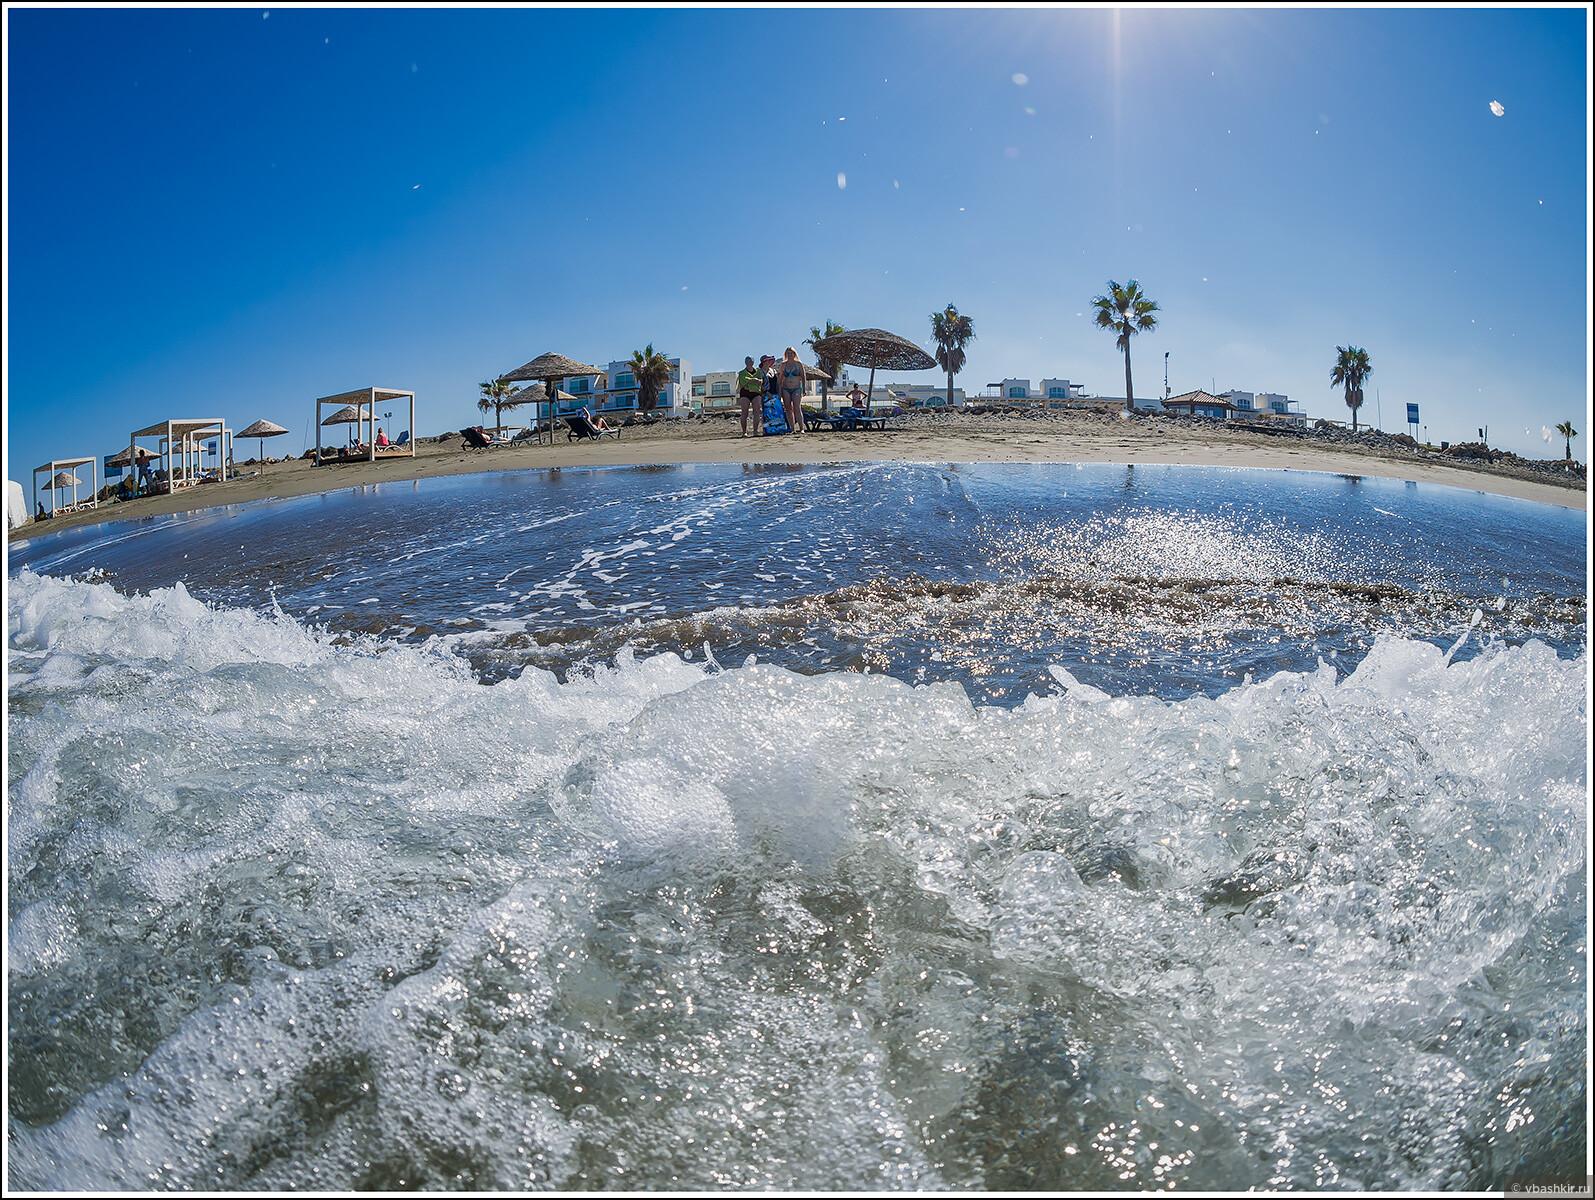 Наш пляж. Во время этого фото фотоаппарат немного затонул)), Кипроведение для мам